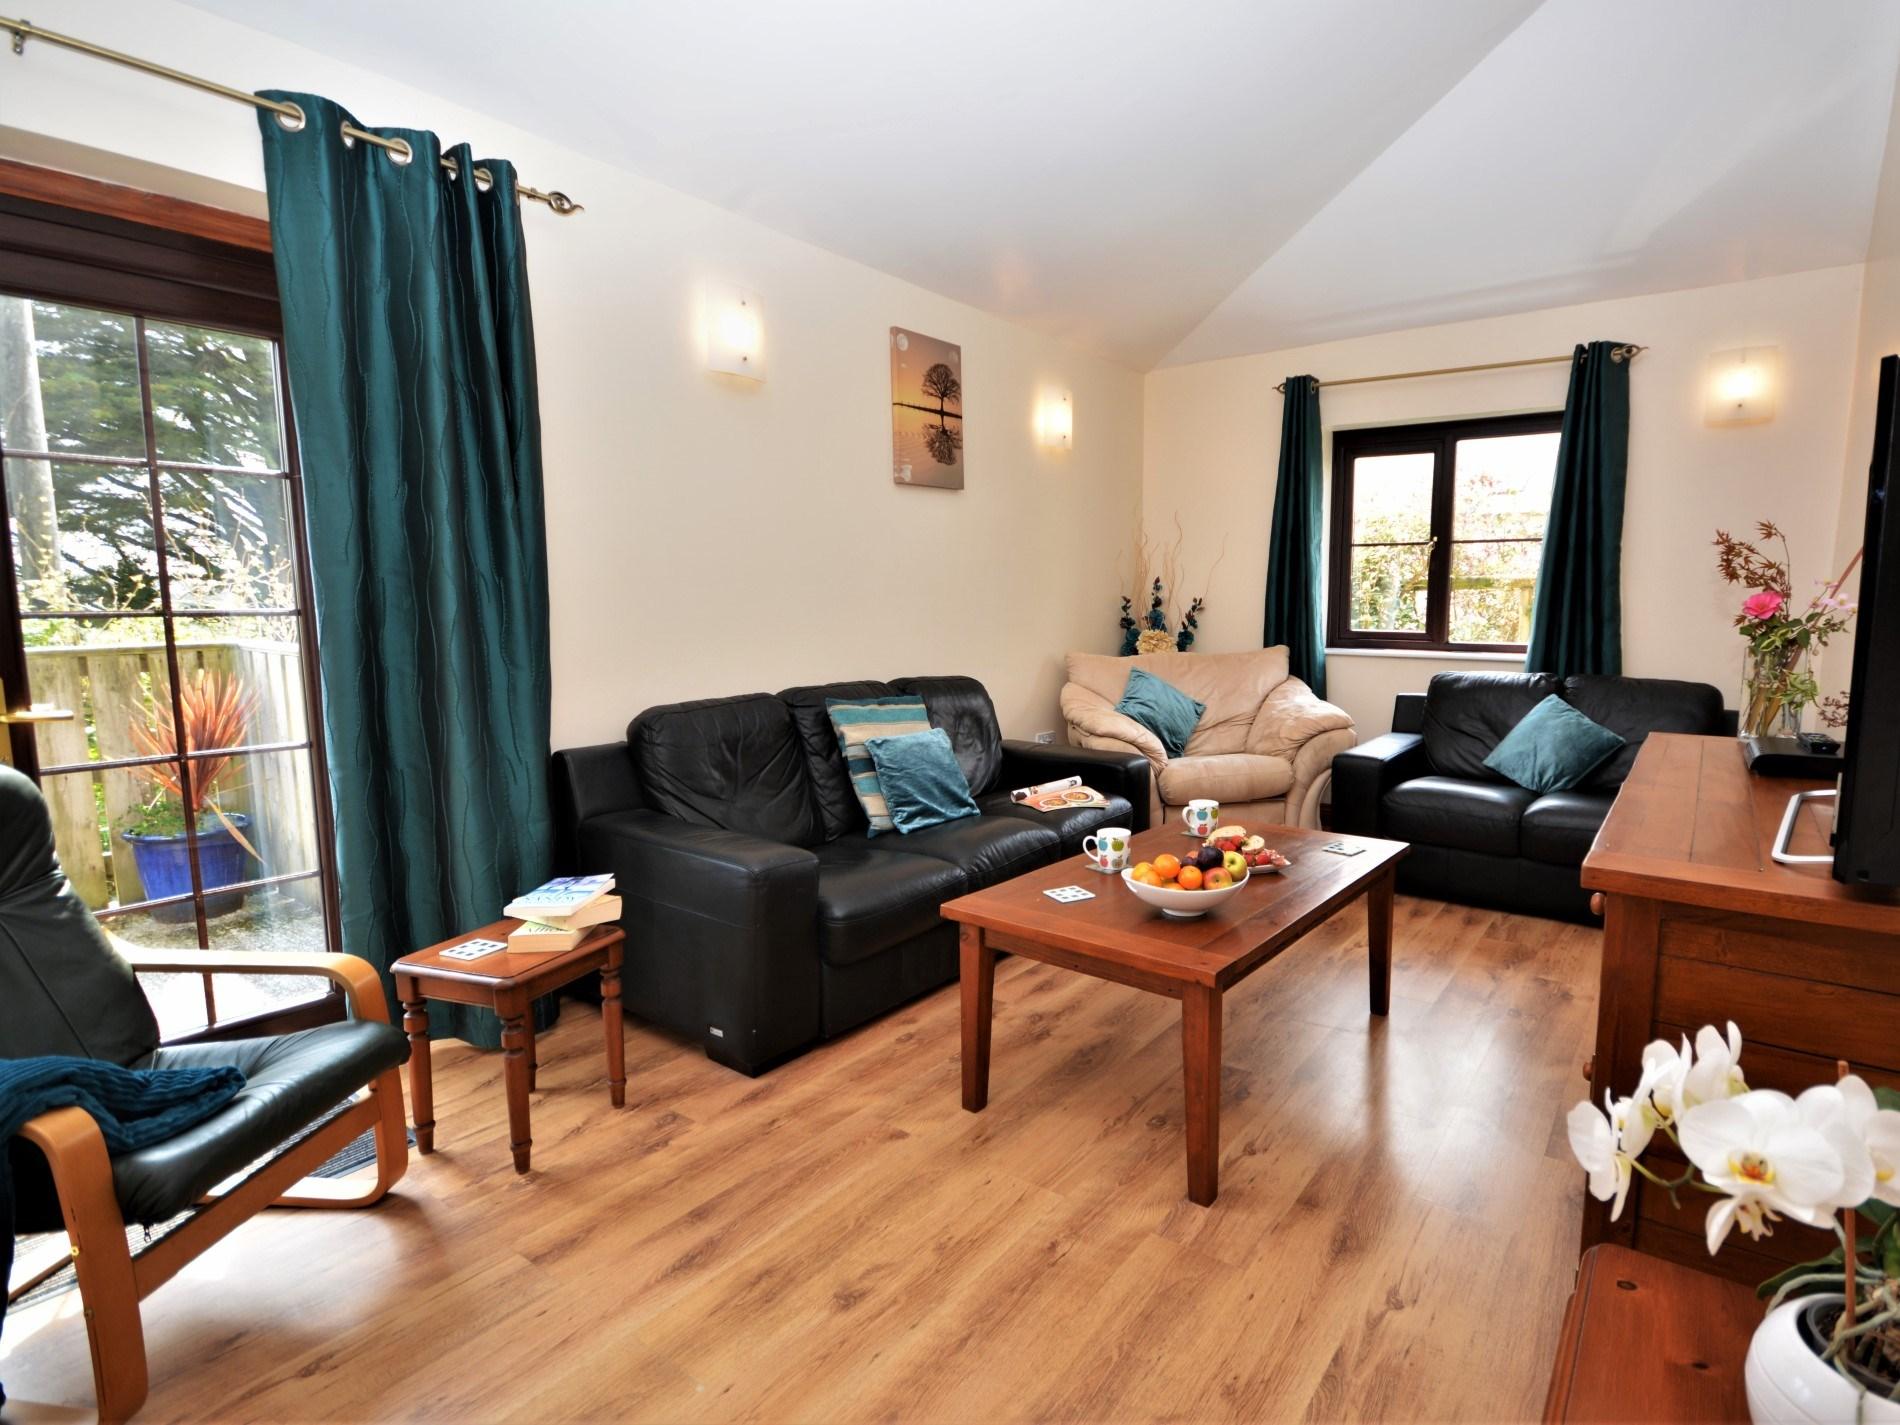 4 Bedroom Barn in North Devon, Devon